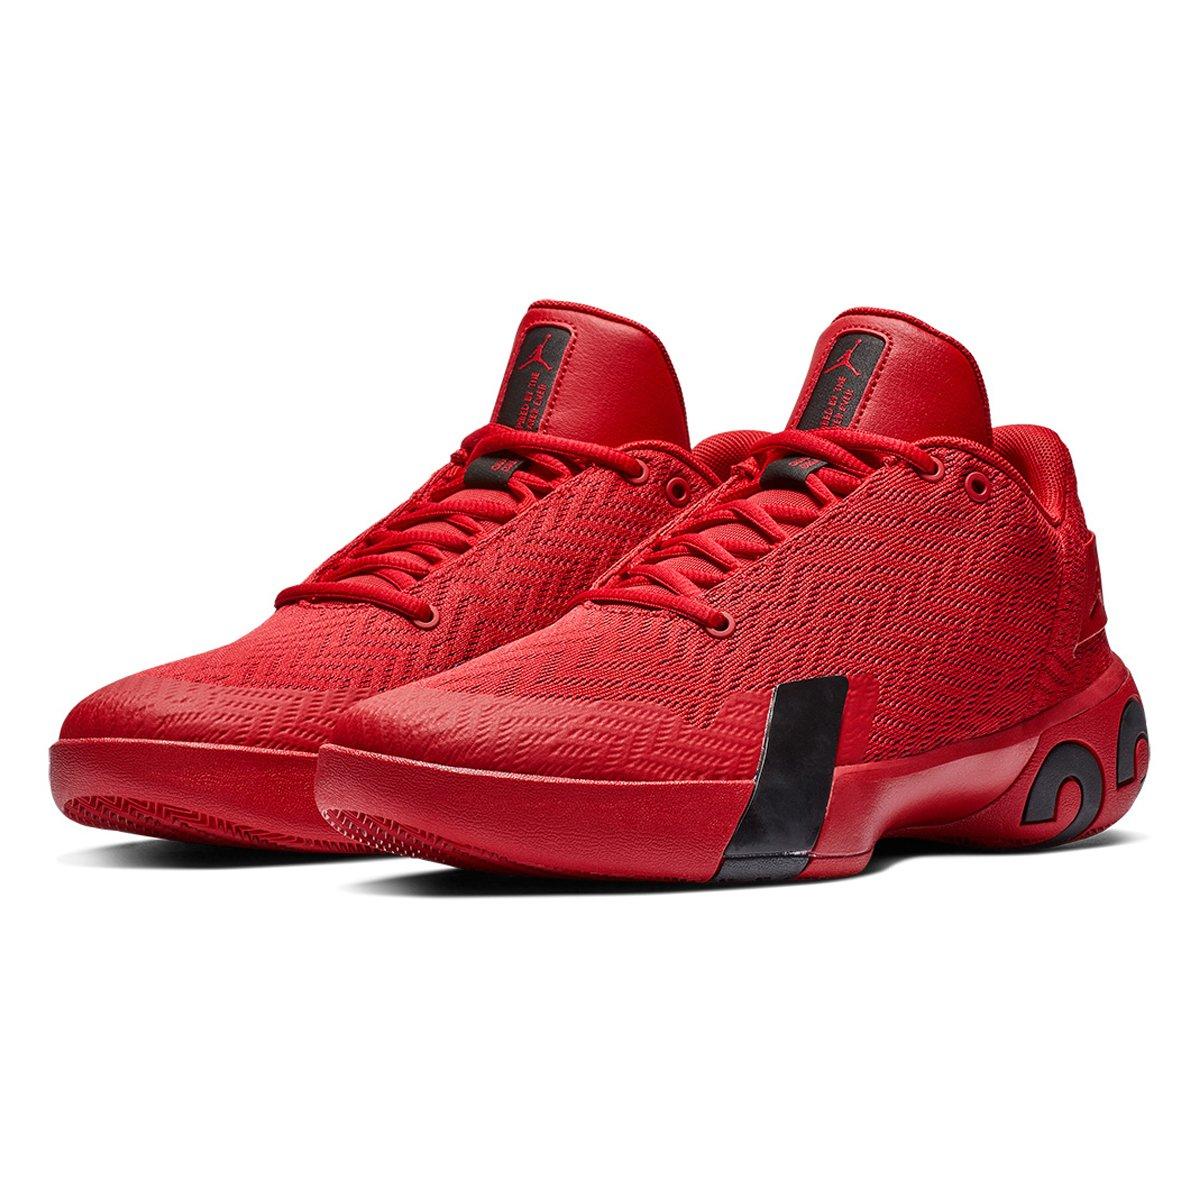 51856b539f64 Tênis Nike Jordan Ultra Fly 3 Low Masculino - Vermelho e Preto - Compre  Agora